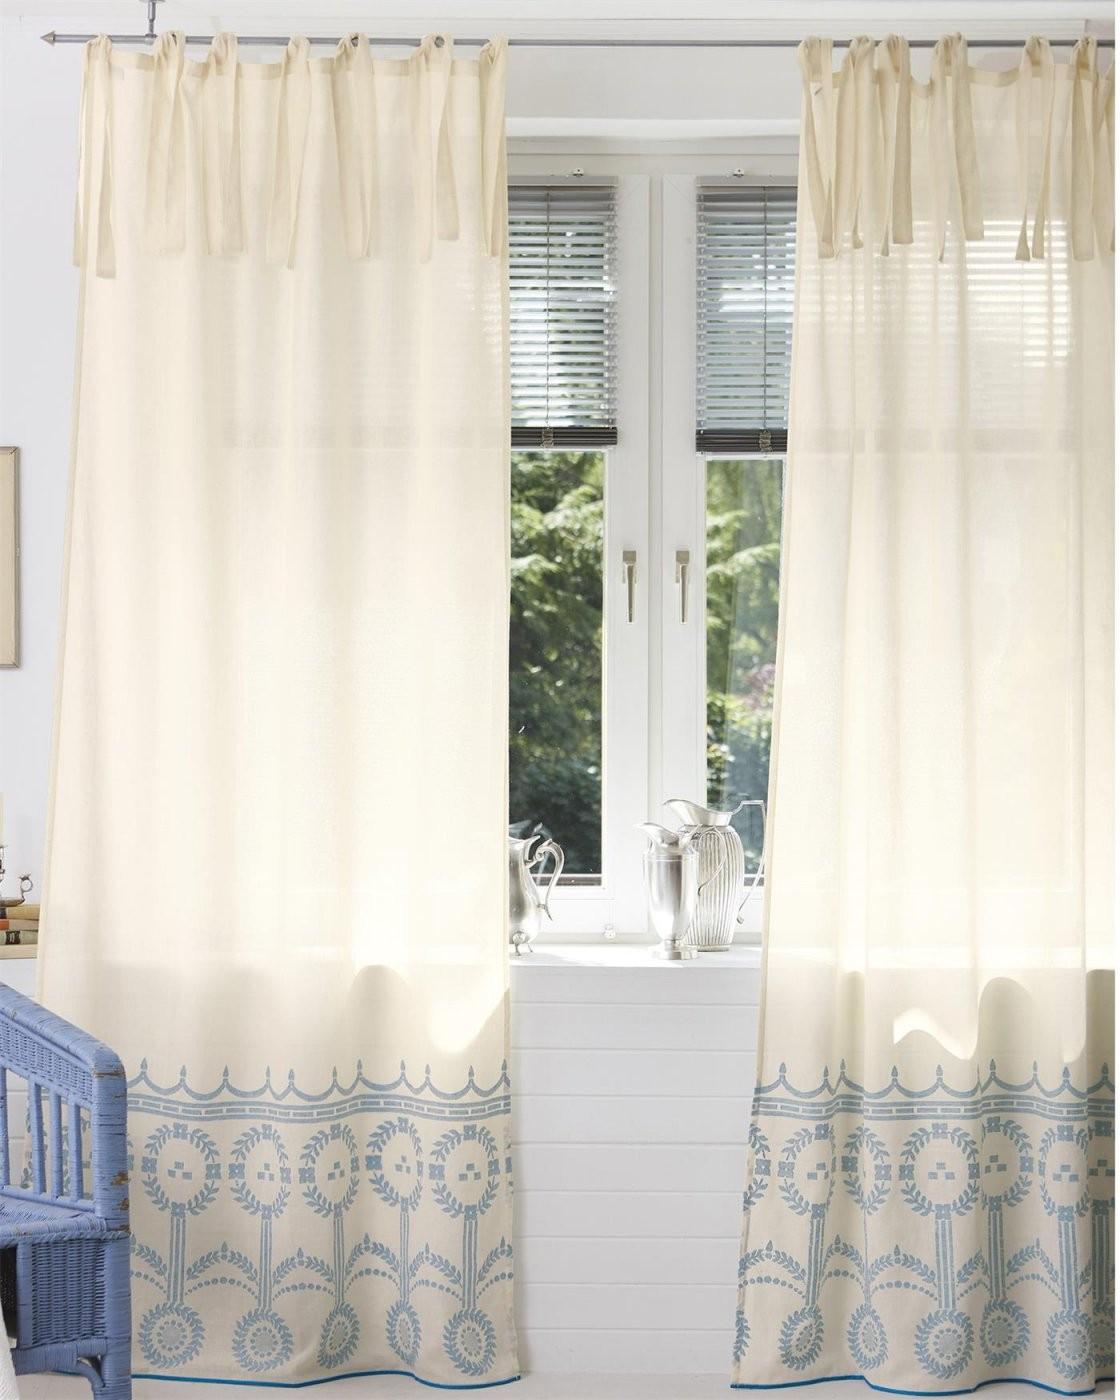 Transparente Vorhänge Finden Sie Hier  Vossberg von Vorhänge Mit Schlaufen Zum Binden Photo